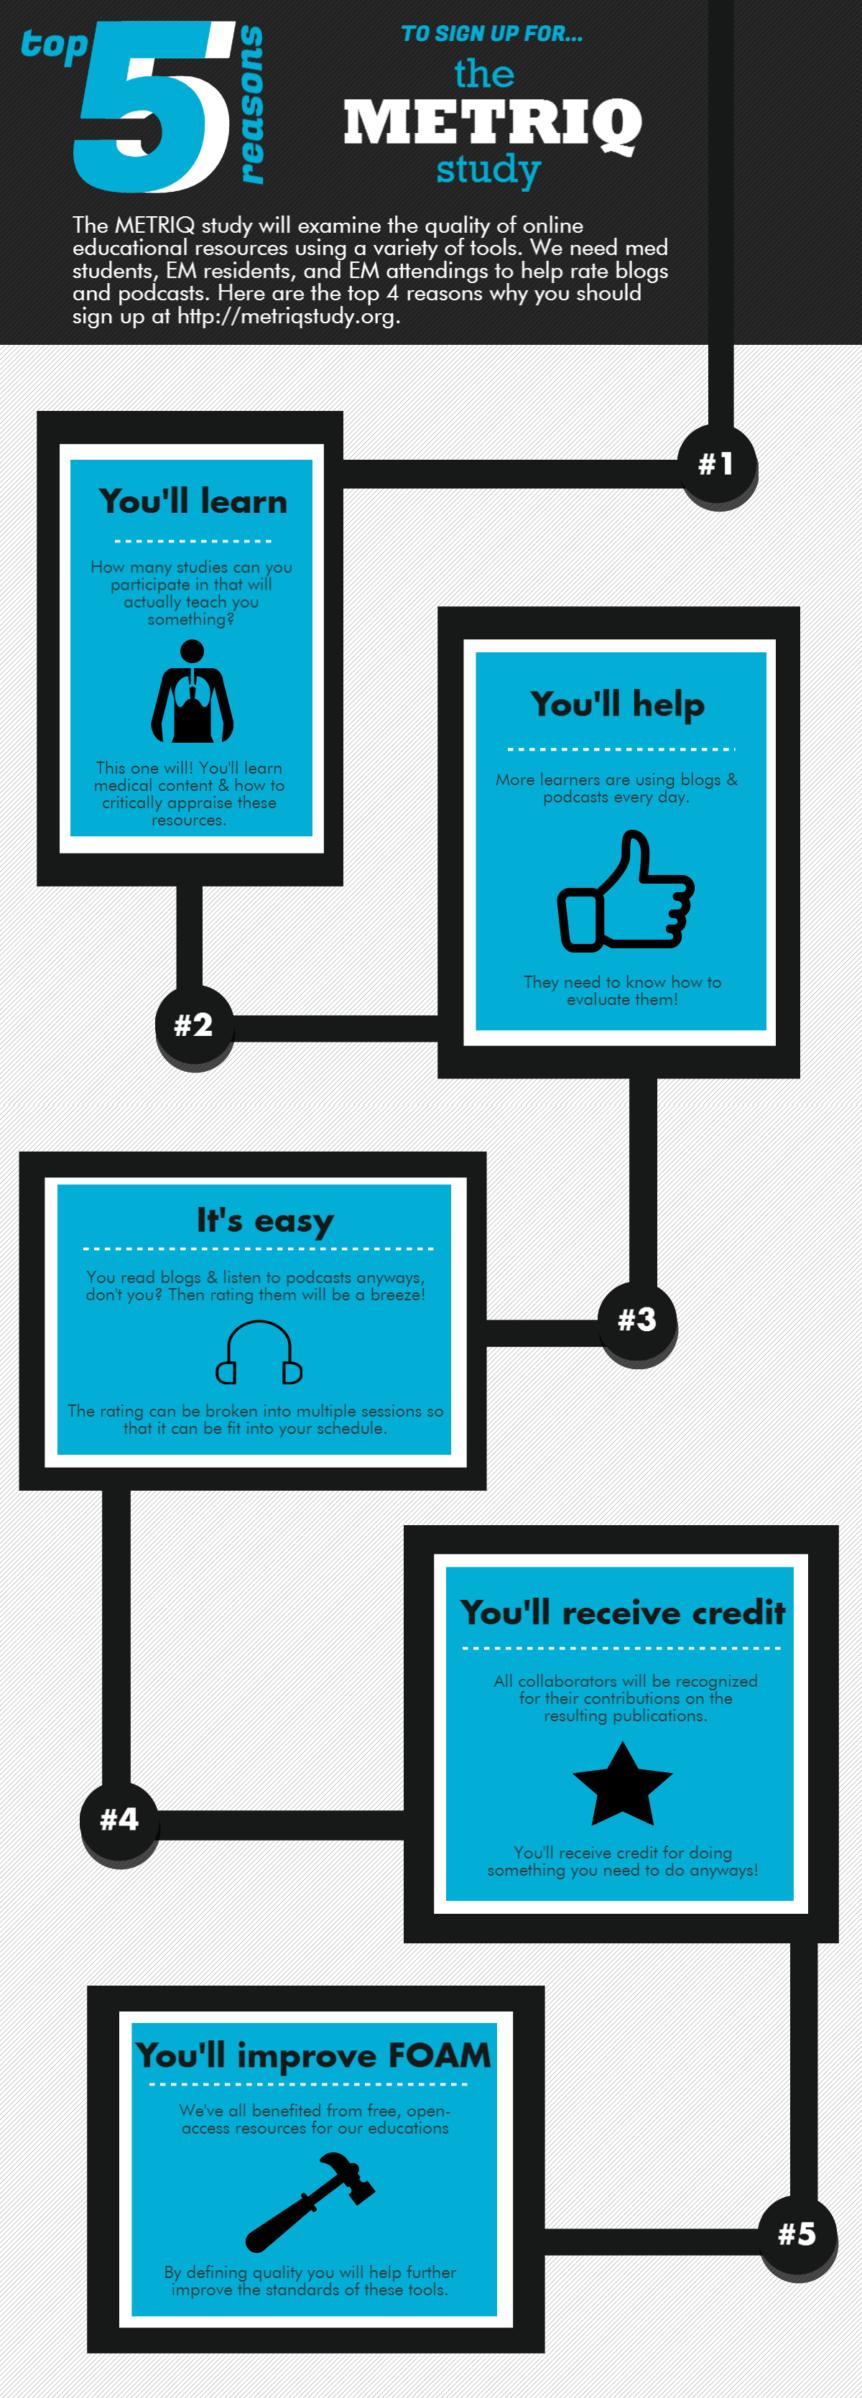 METRIQ Study Infographic